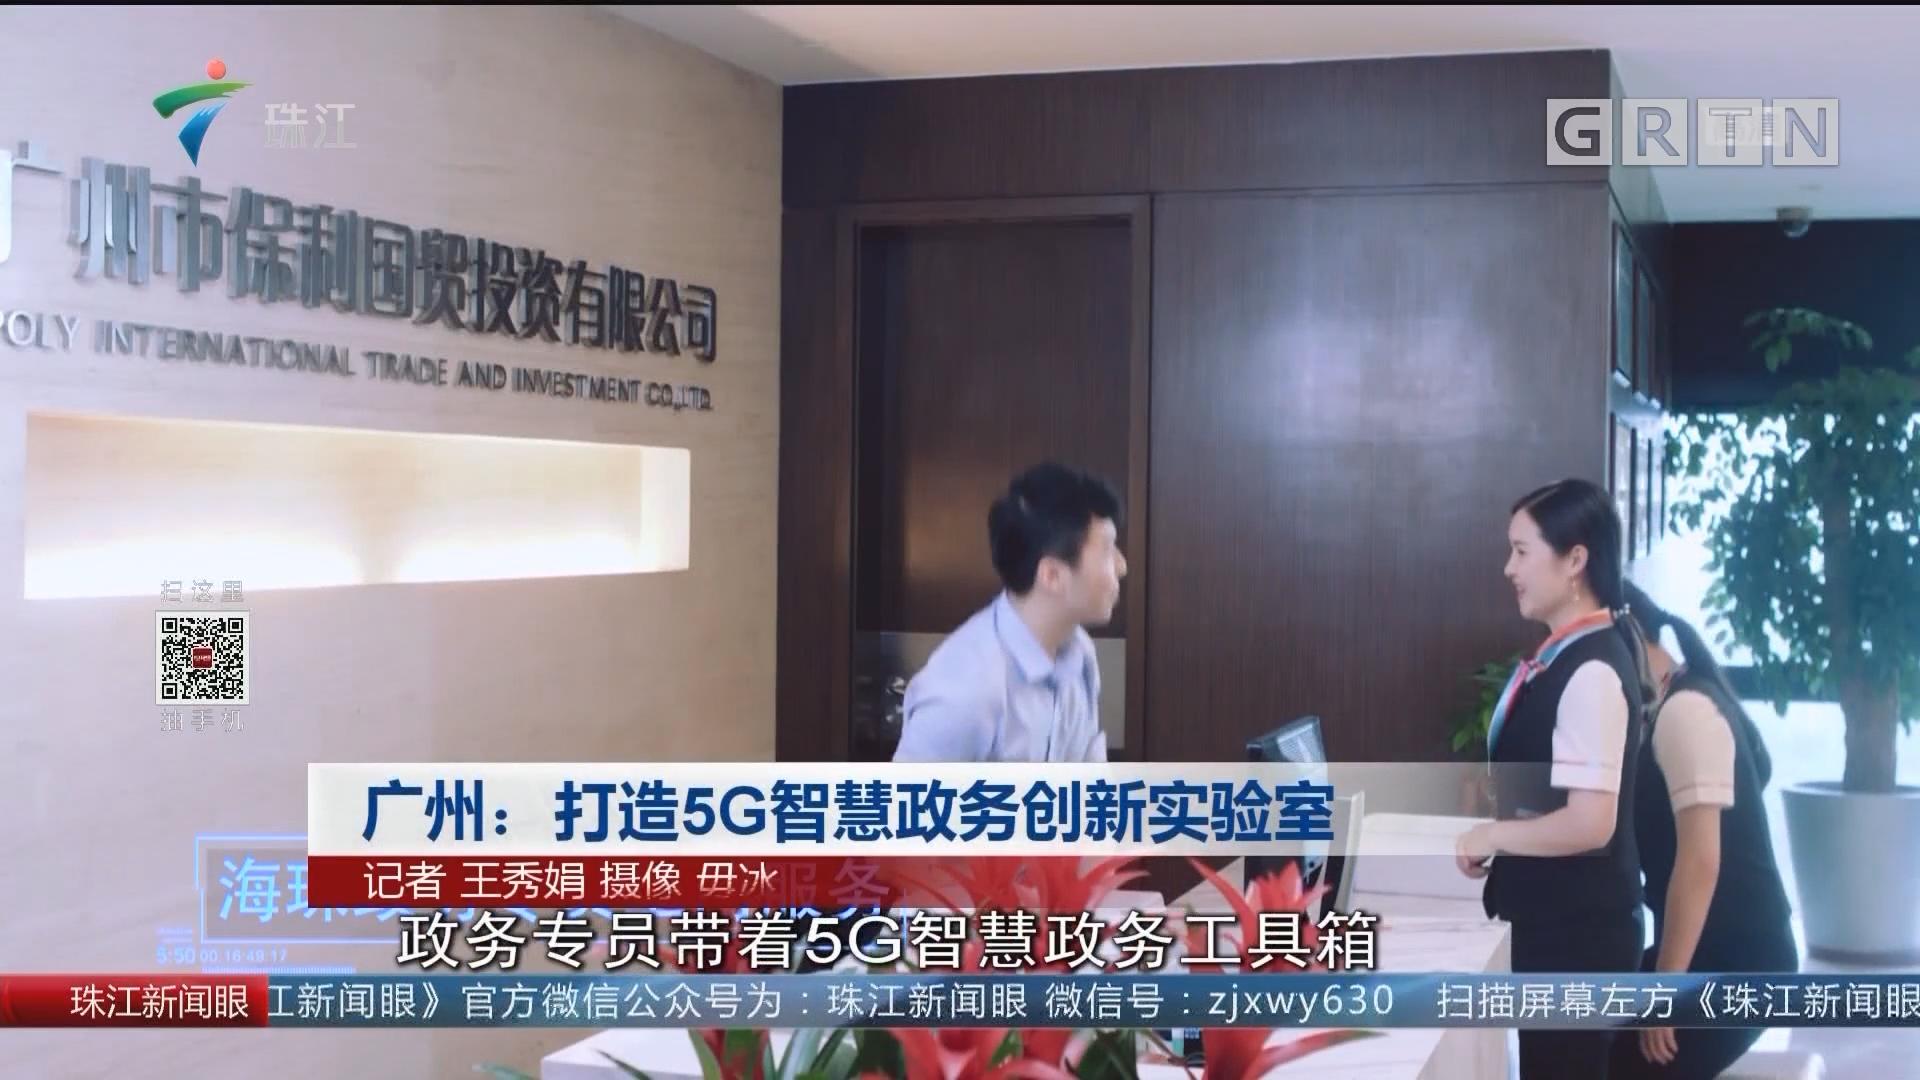 广州:打造5G智慧政务创新实验室